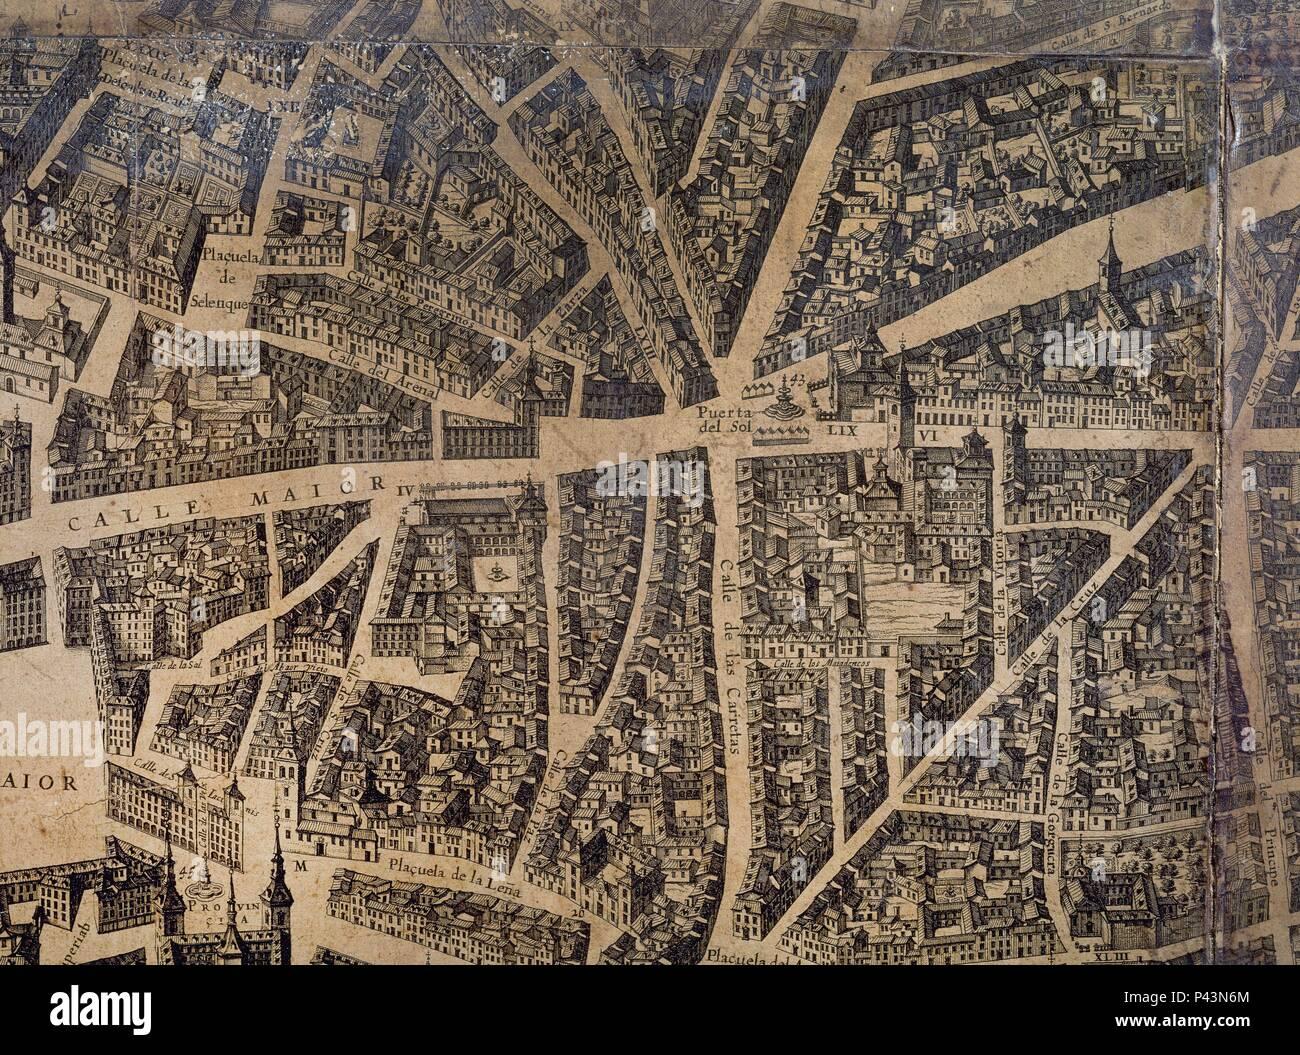 Mapa Puerta Del Sol.Plano Det Puerta Del Sol S Xvii Author Pedro Texeira